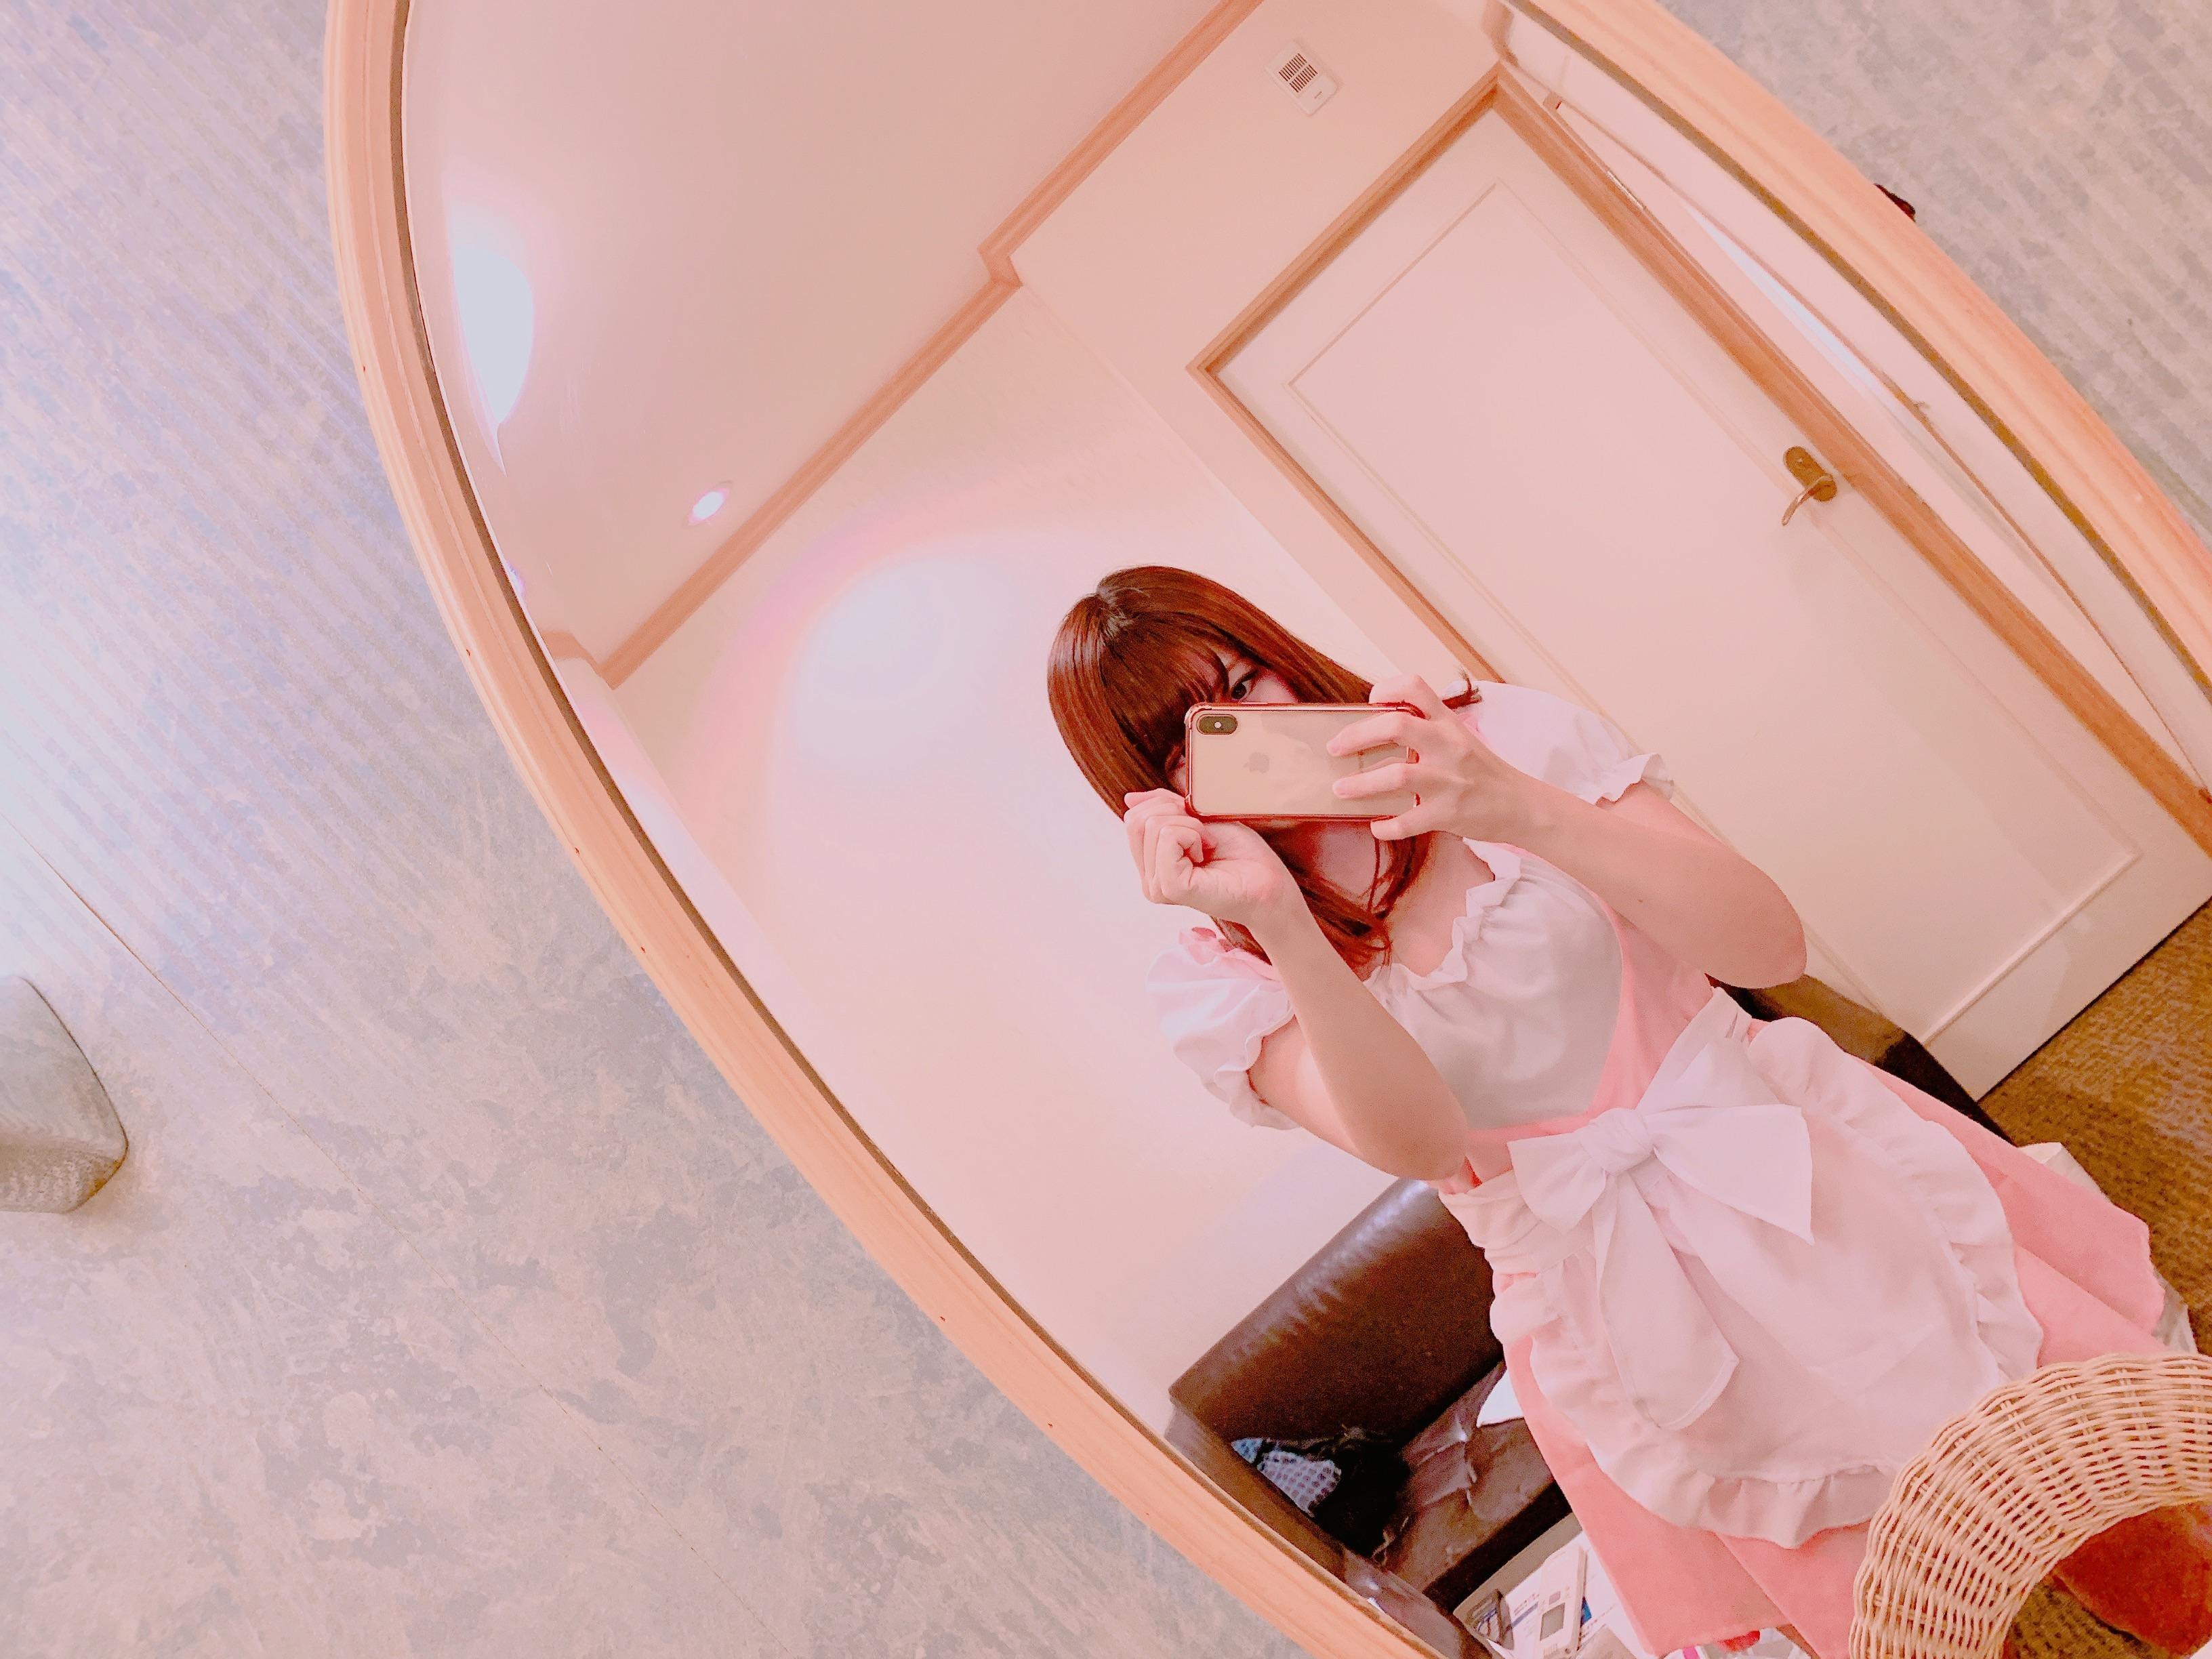 「ぴんく」12/14(12/14) 22:30   の写メ・風俗動画